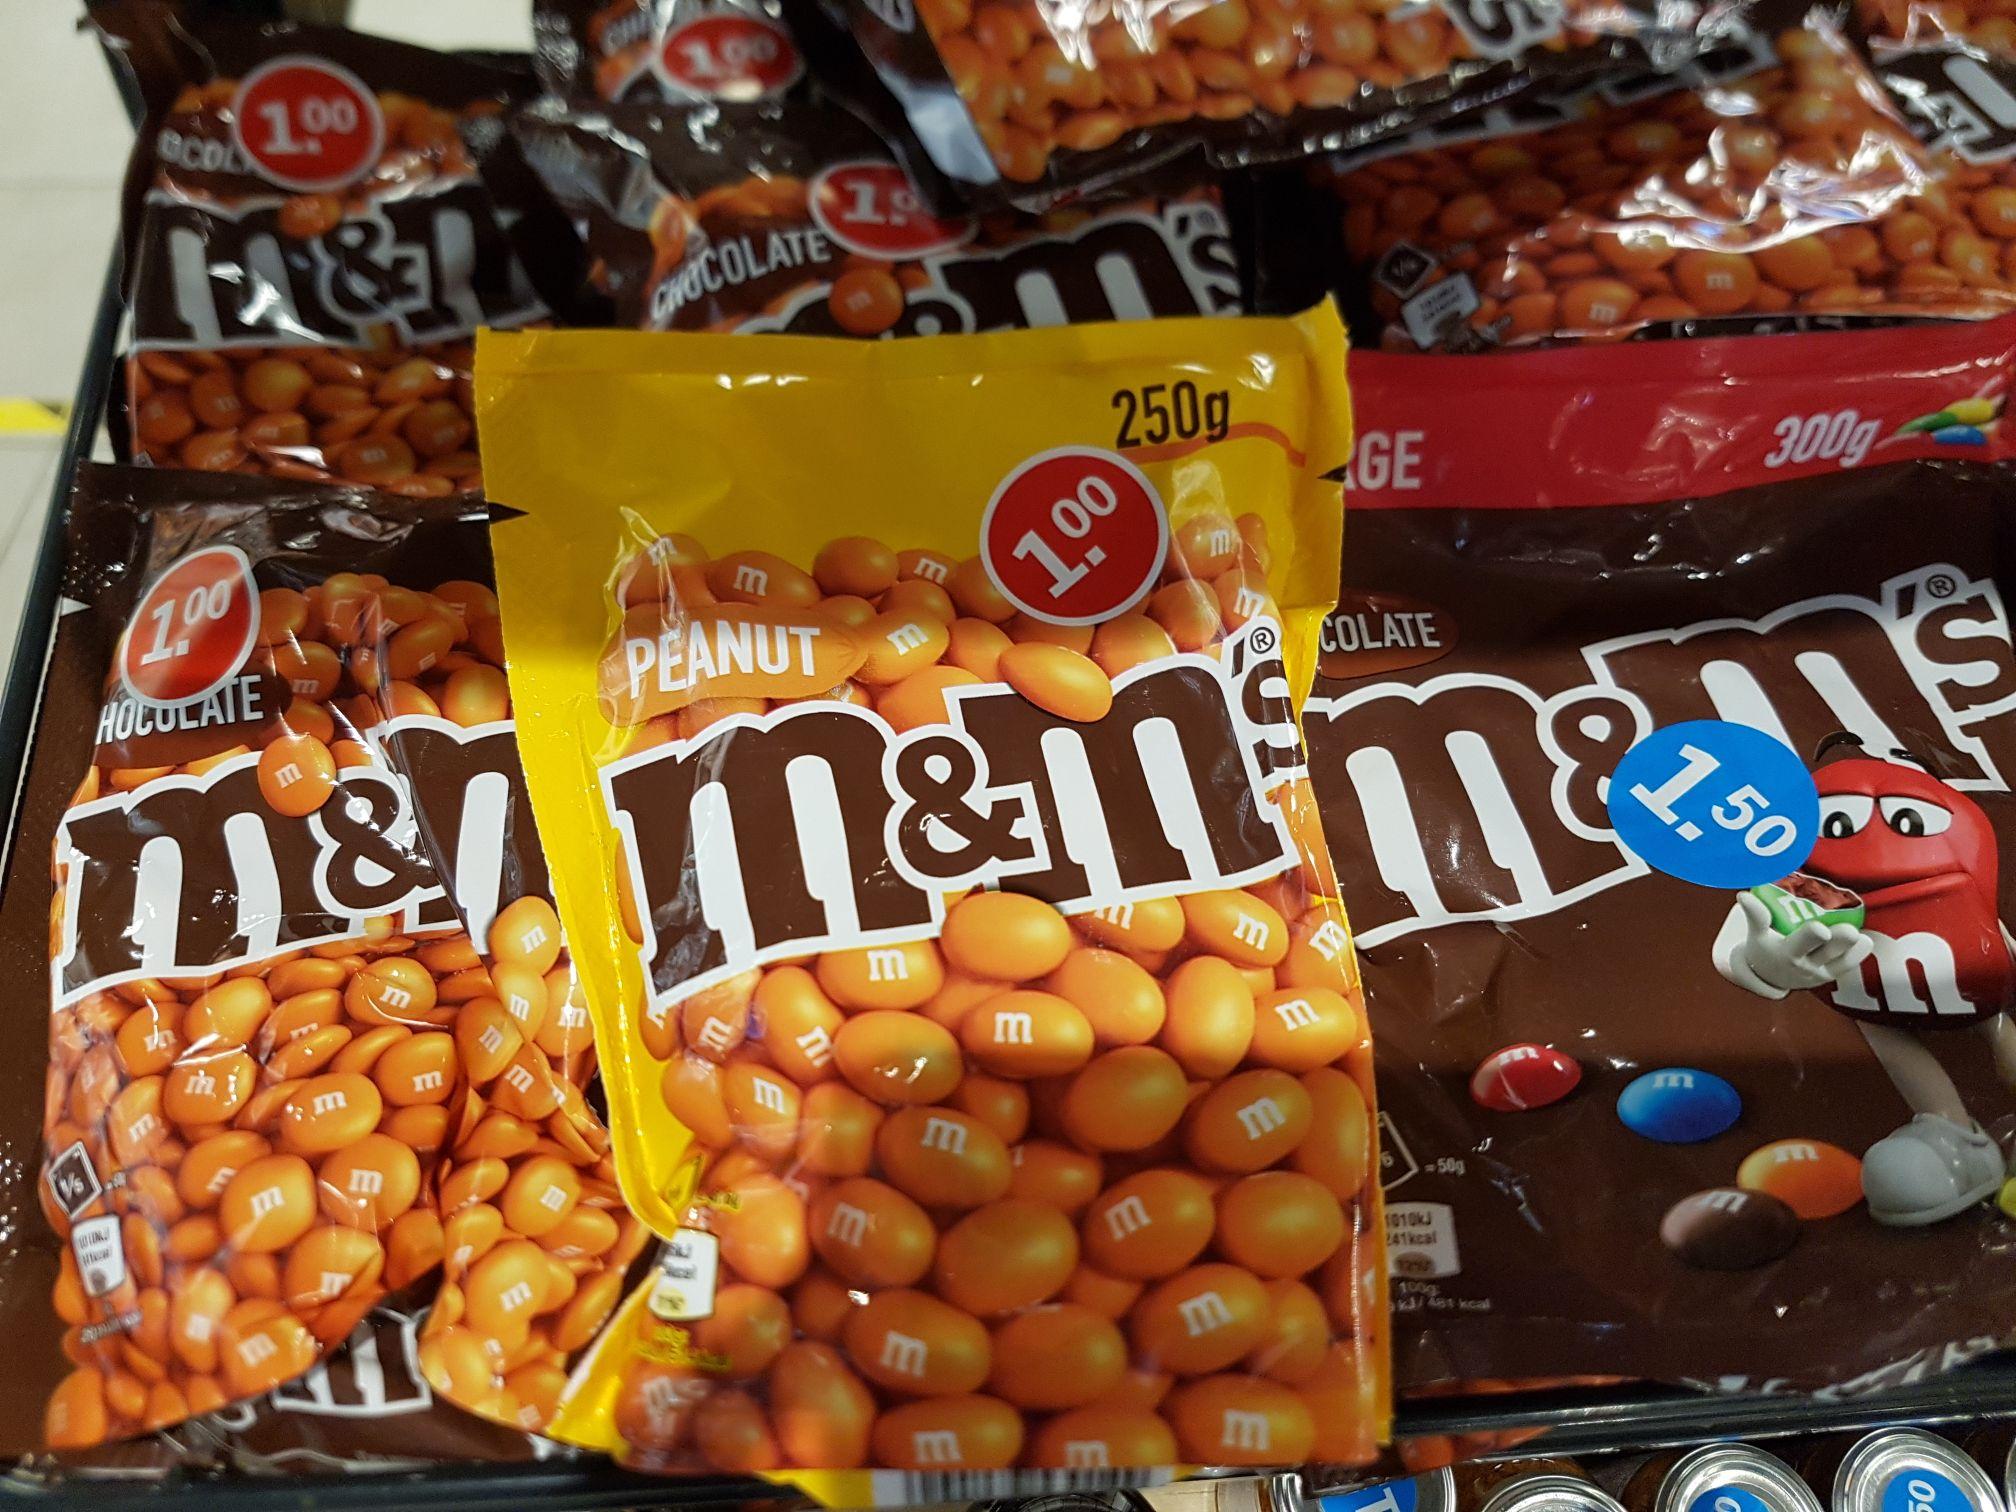 [LOKAAL?] M&Ms Peanut en M&Ms Chocolat 1 euro! @ Albert Heijn